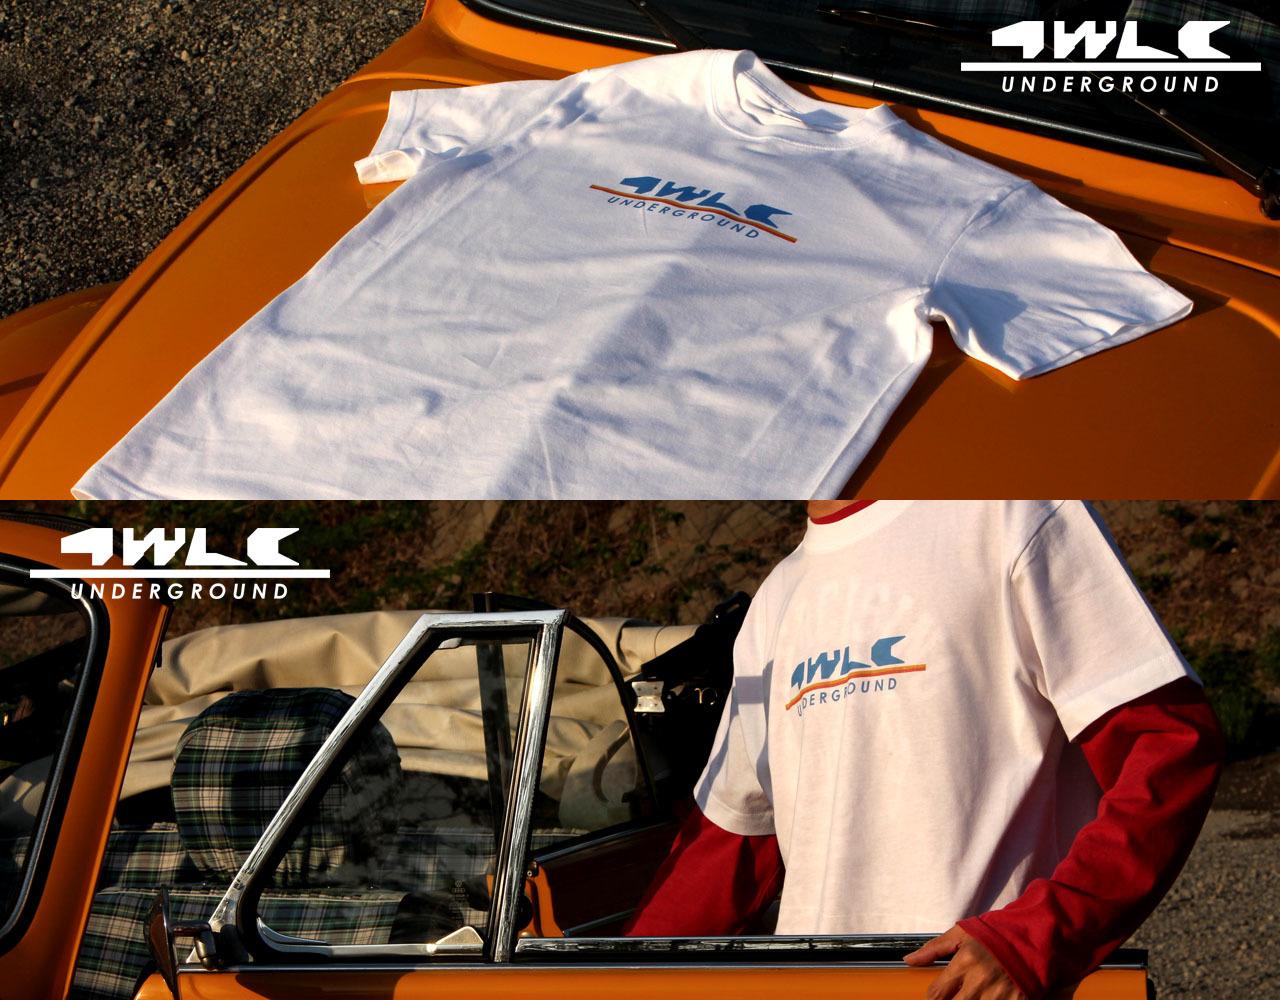 4wlc2_tshirt.jpg